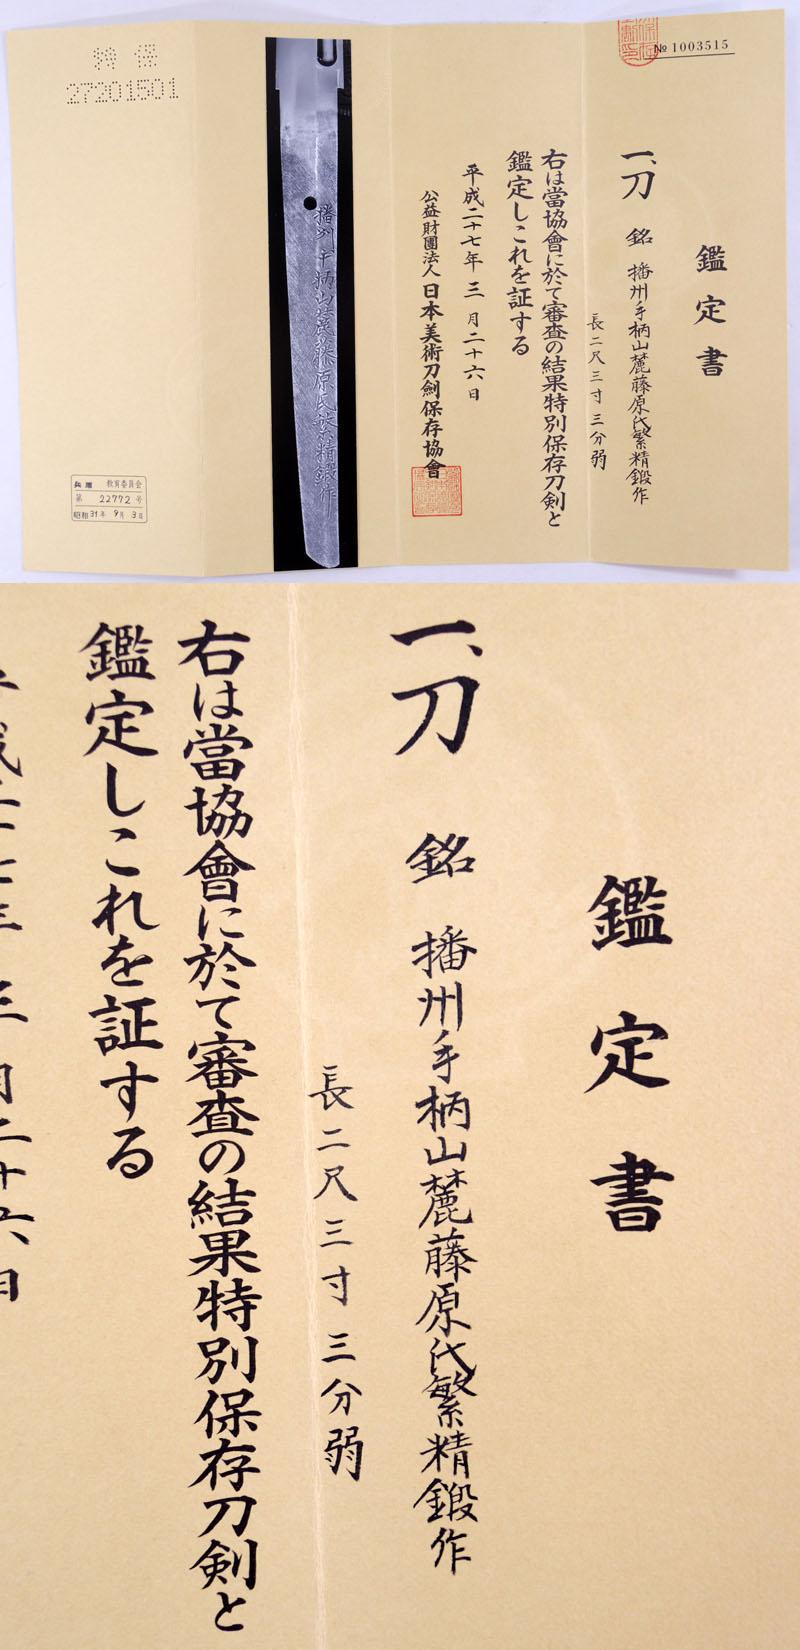 播州手柄山麗藤原氏繁精鍛作(二代) Picture of Certificate